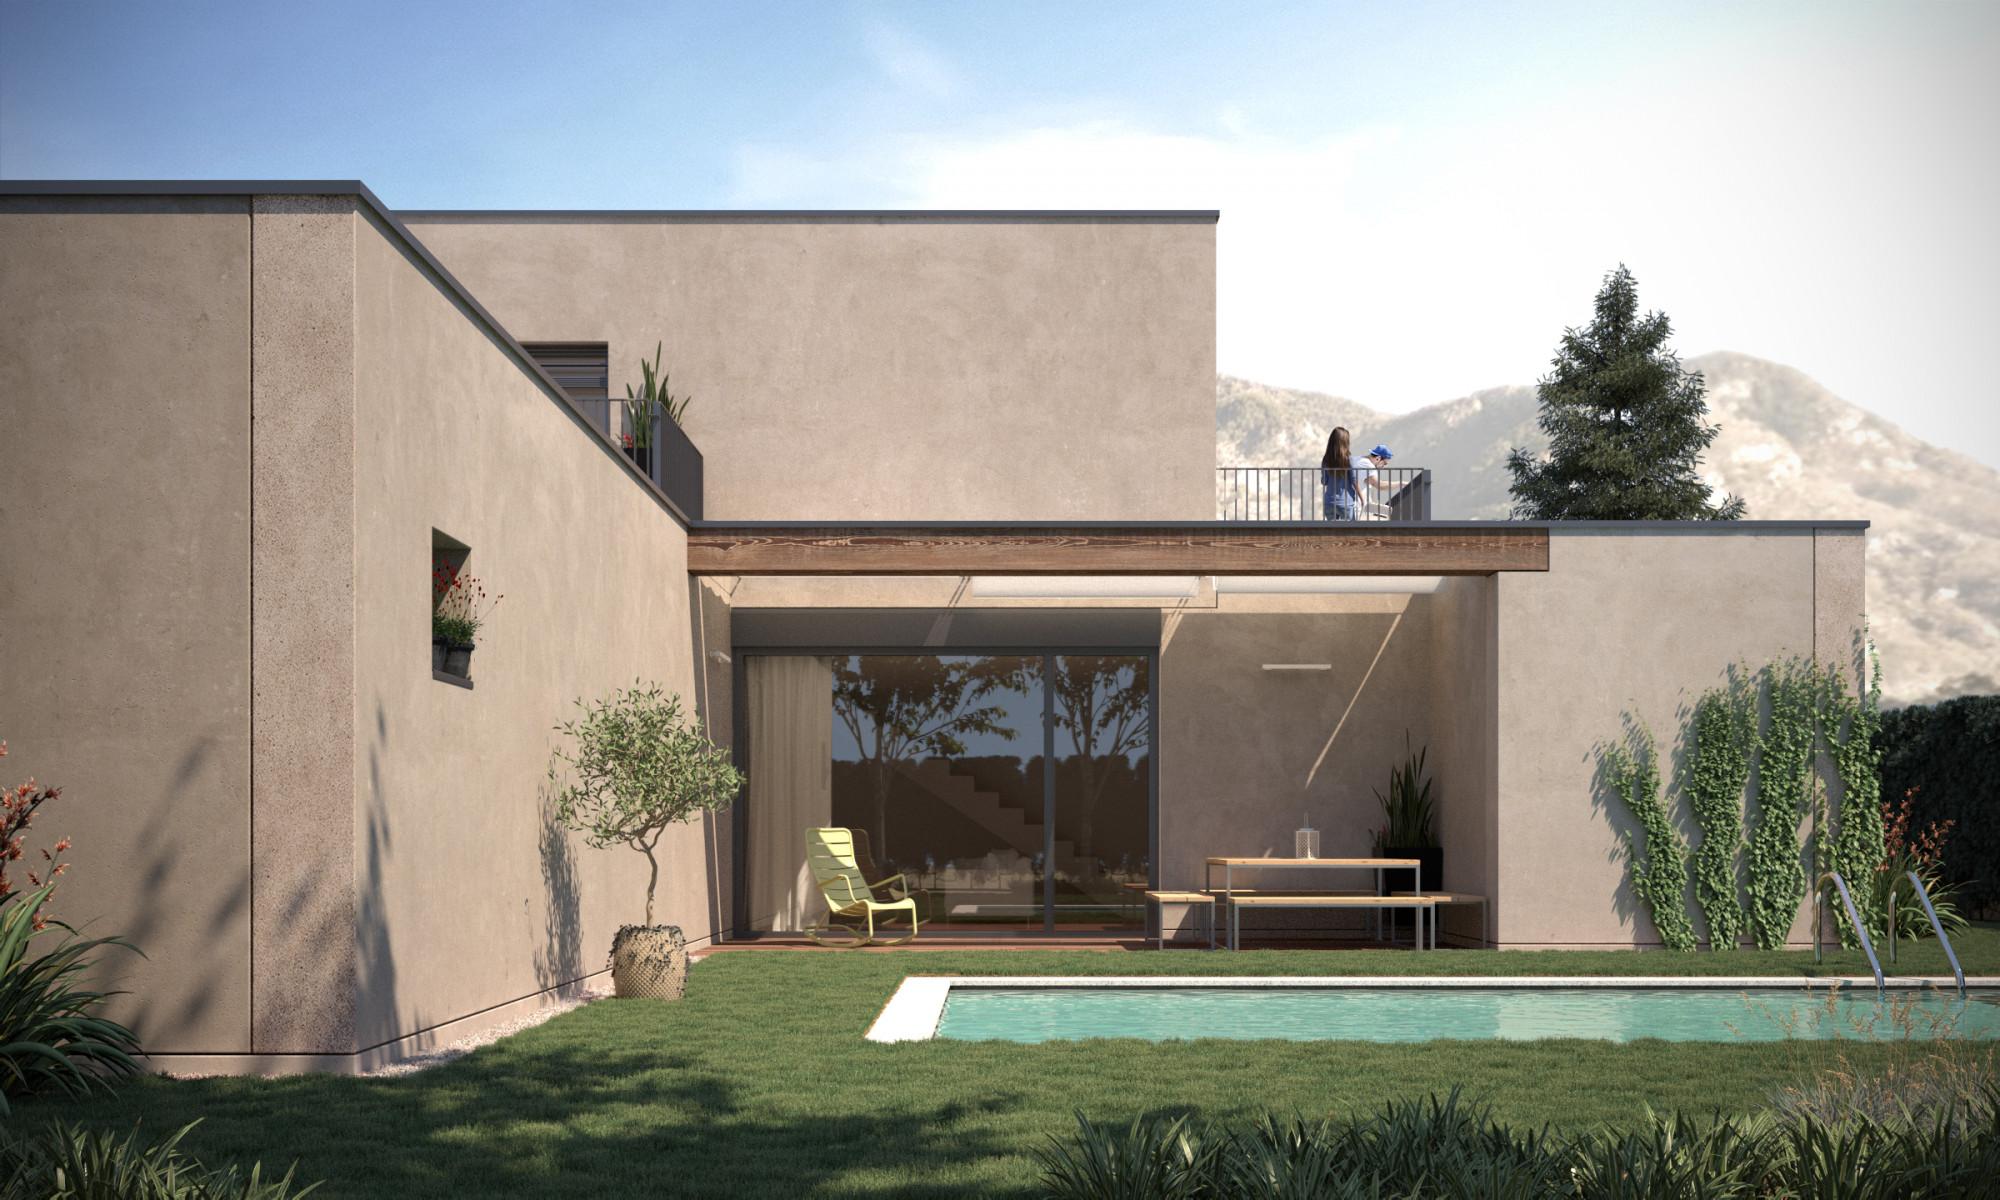 Modelli Di Case Da Costruire case prefabbricate in cemento: prezzi e modelli — idealista/news